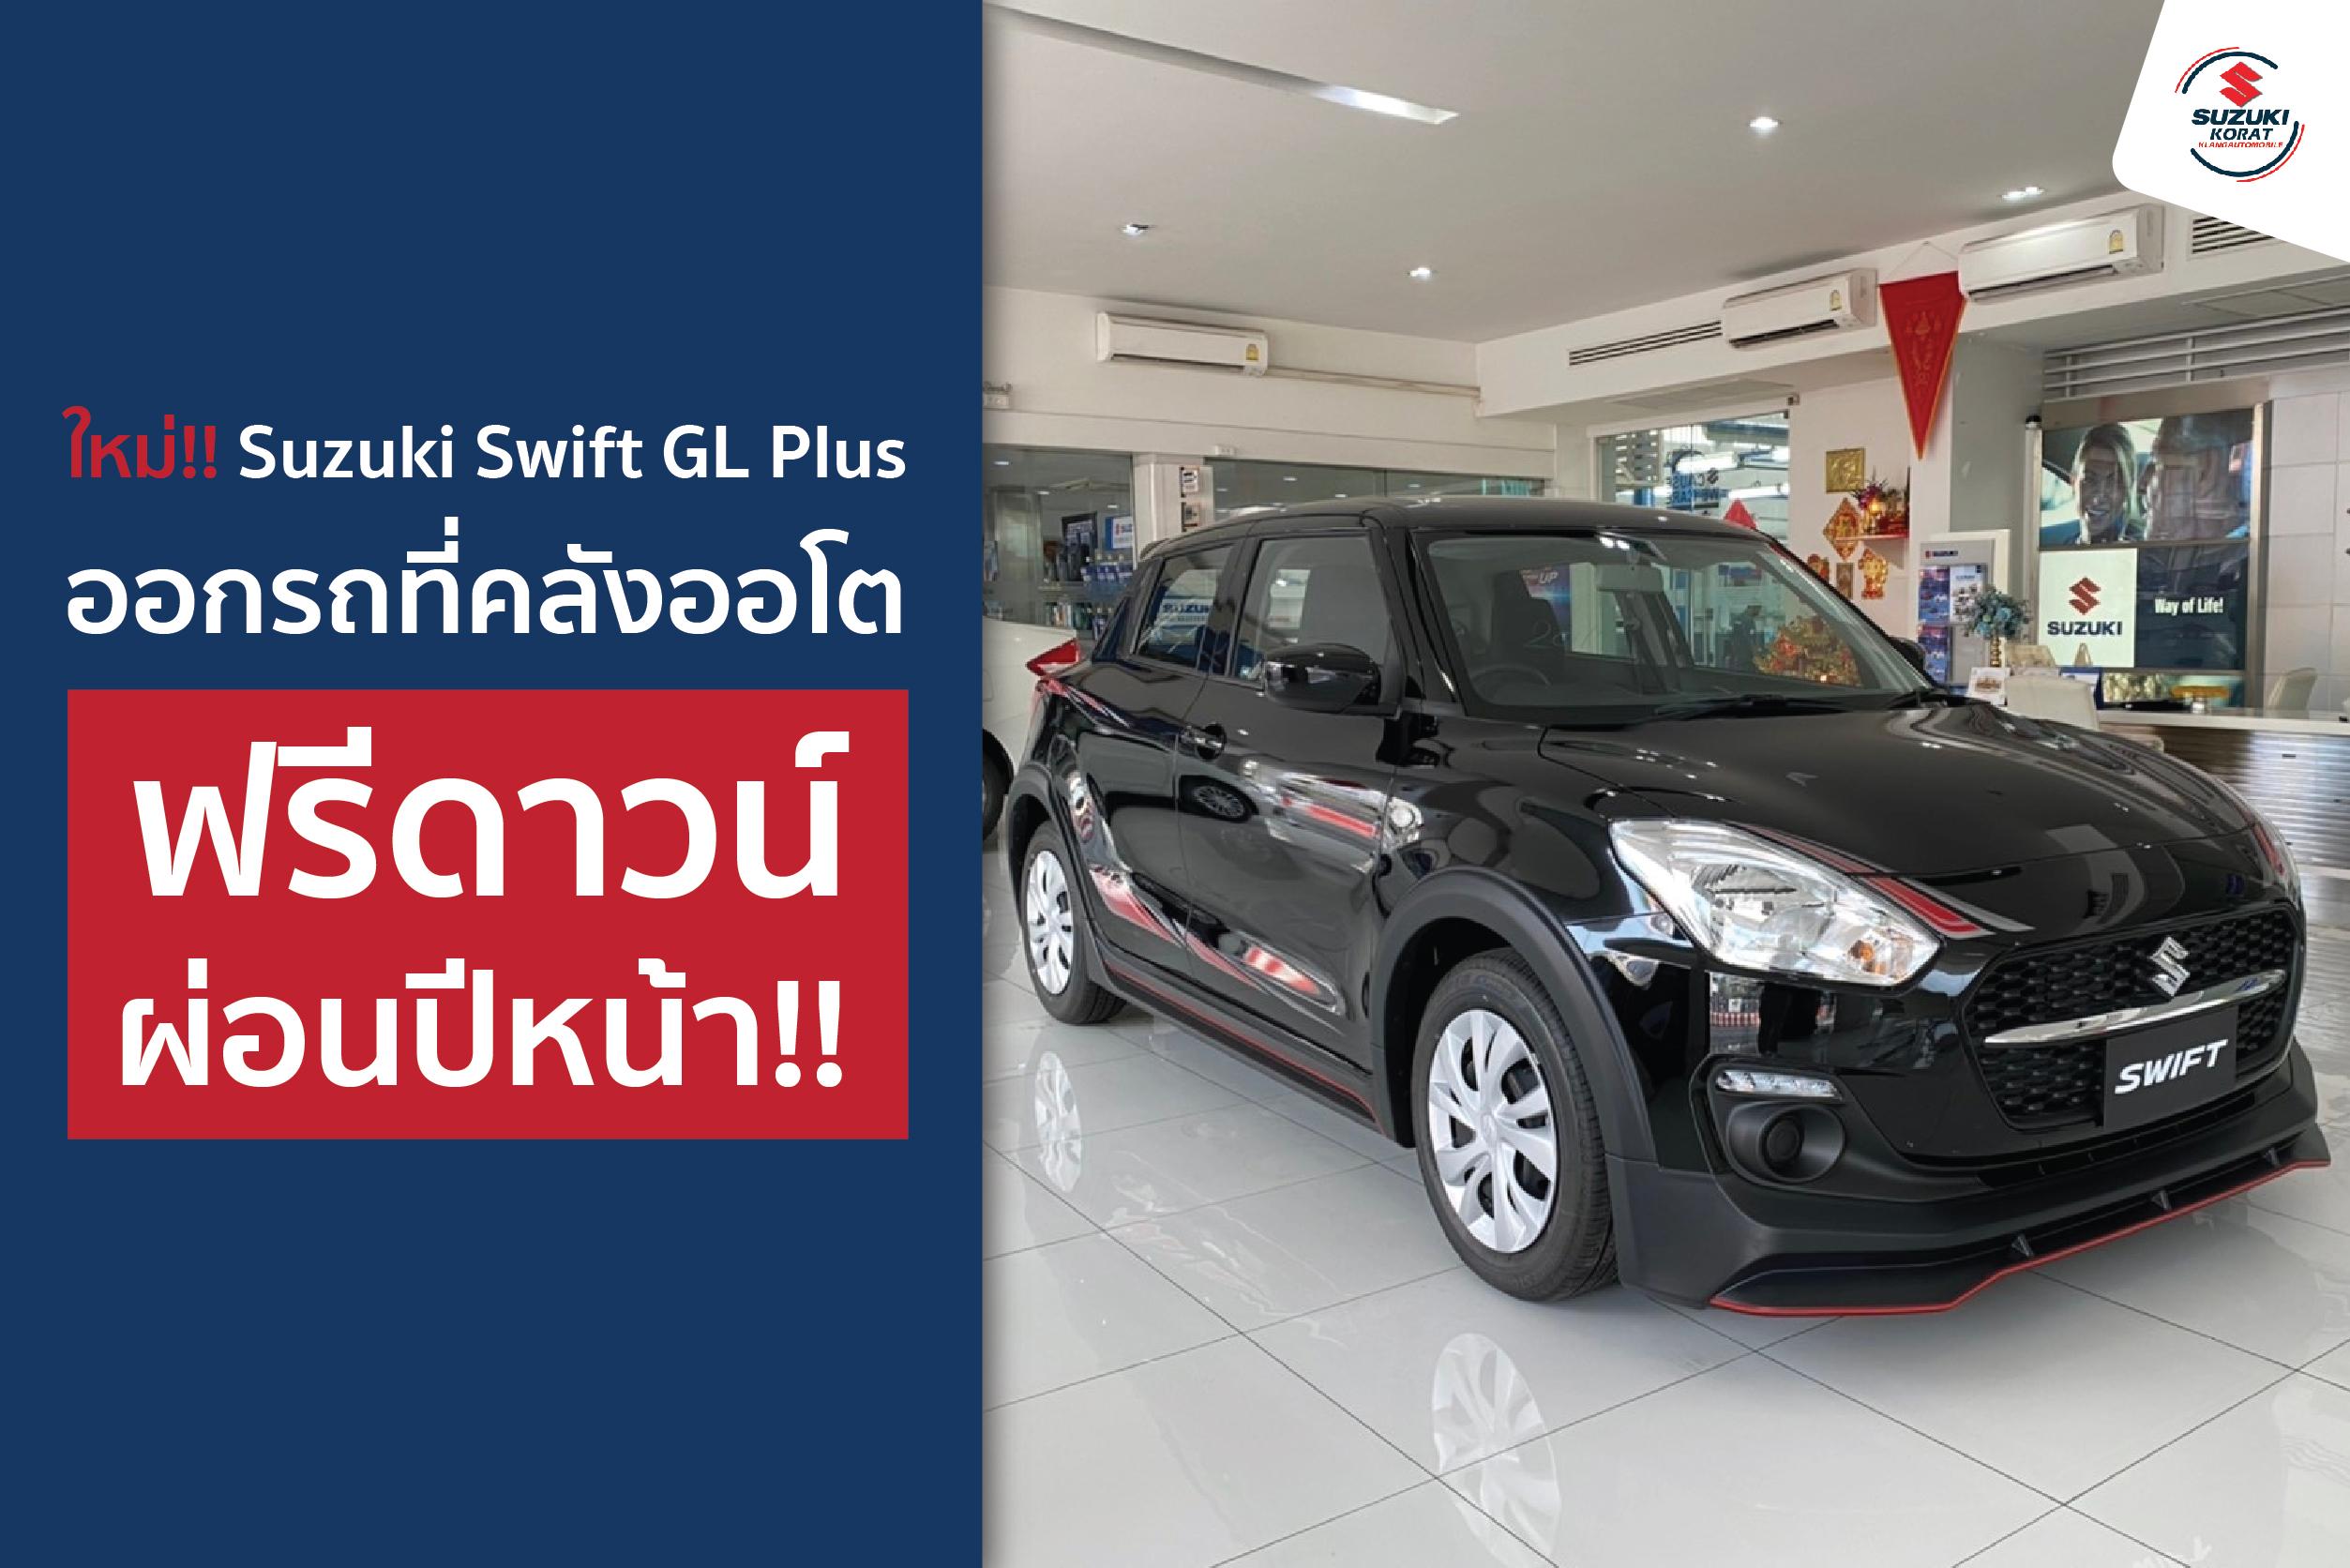 ใหม่!! Suzuki Swift GL Plus ออกรถที่คลังออโต ฟรีดาวน์ ผ่อนปีหน้า!!